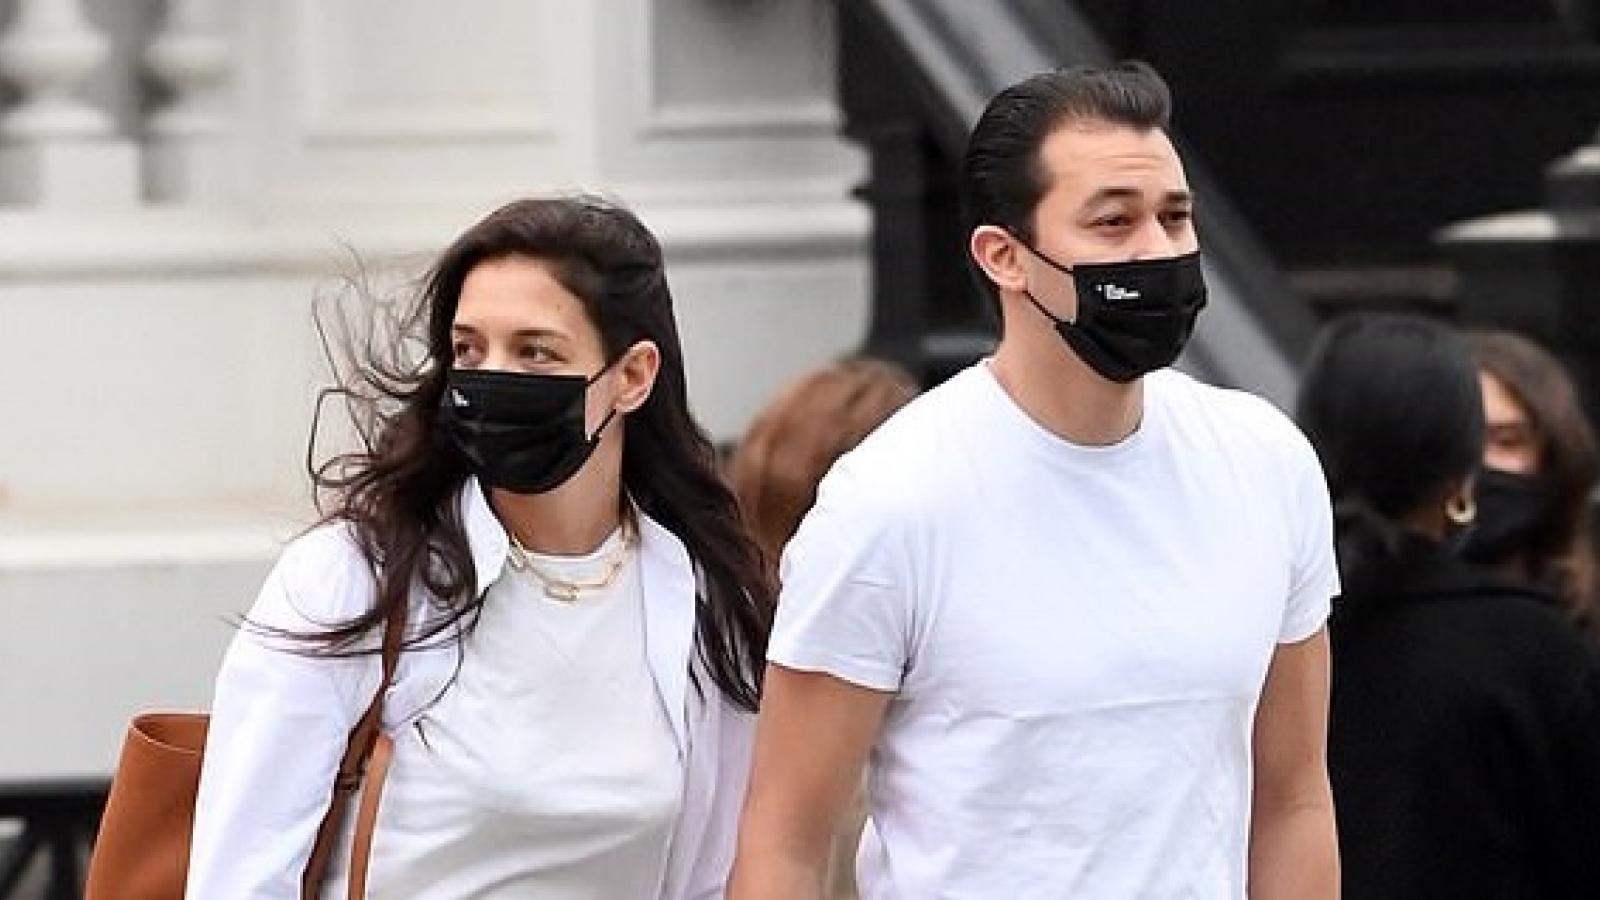 Katie Holmes và bạn trai mặc đồ đồng điệu đi mua đồ nội thất